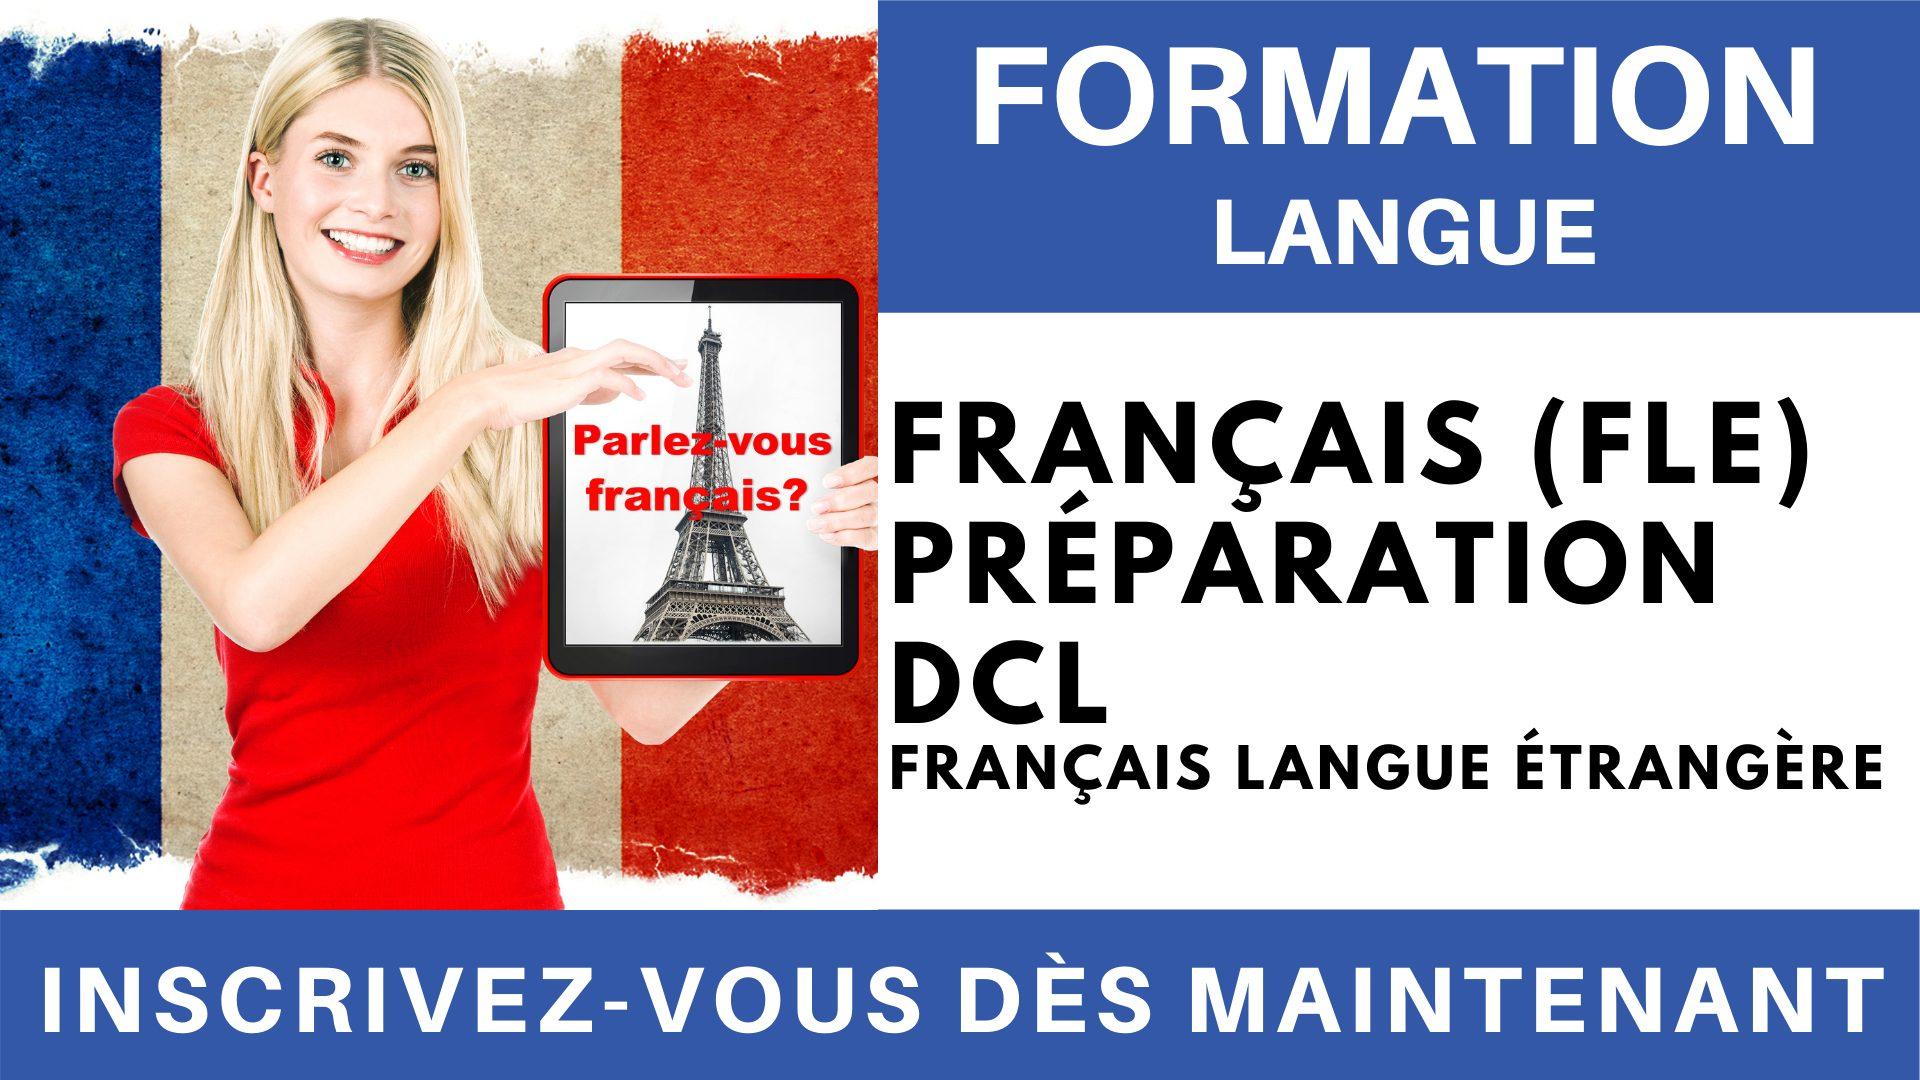 Formation Langue - Français Langue étrangère Préparation DCL